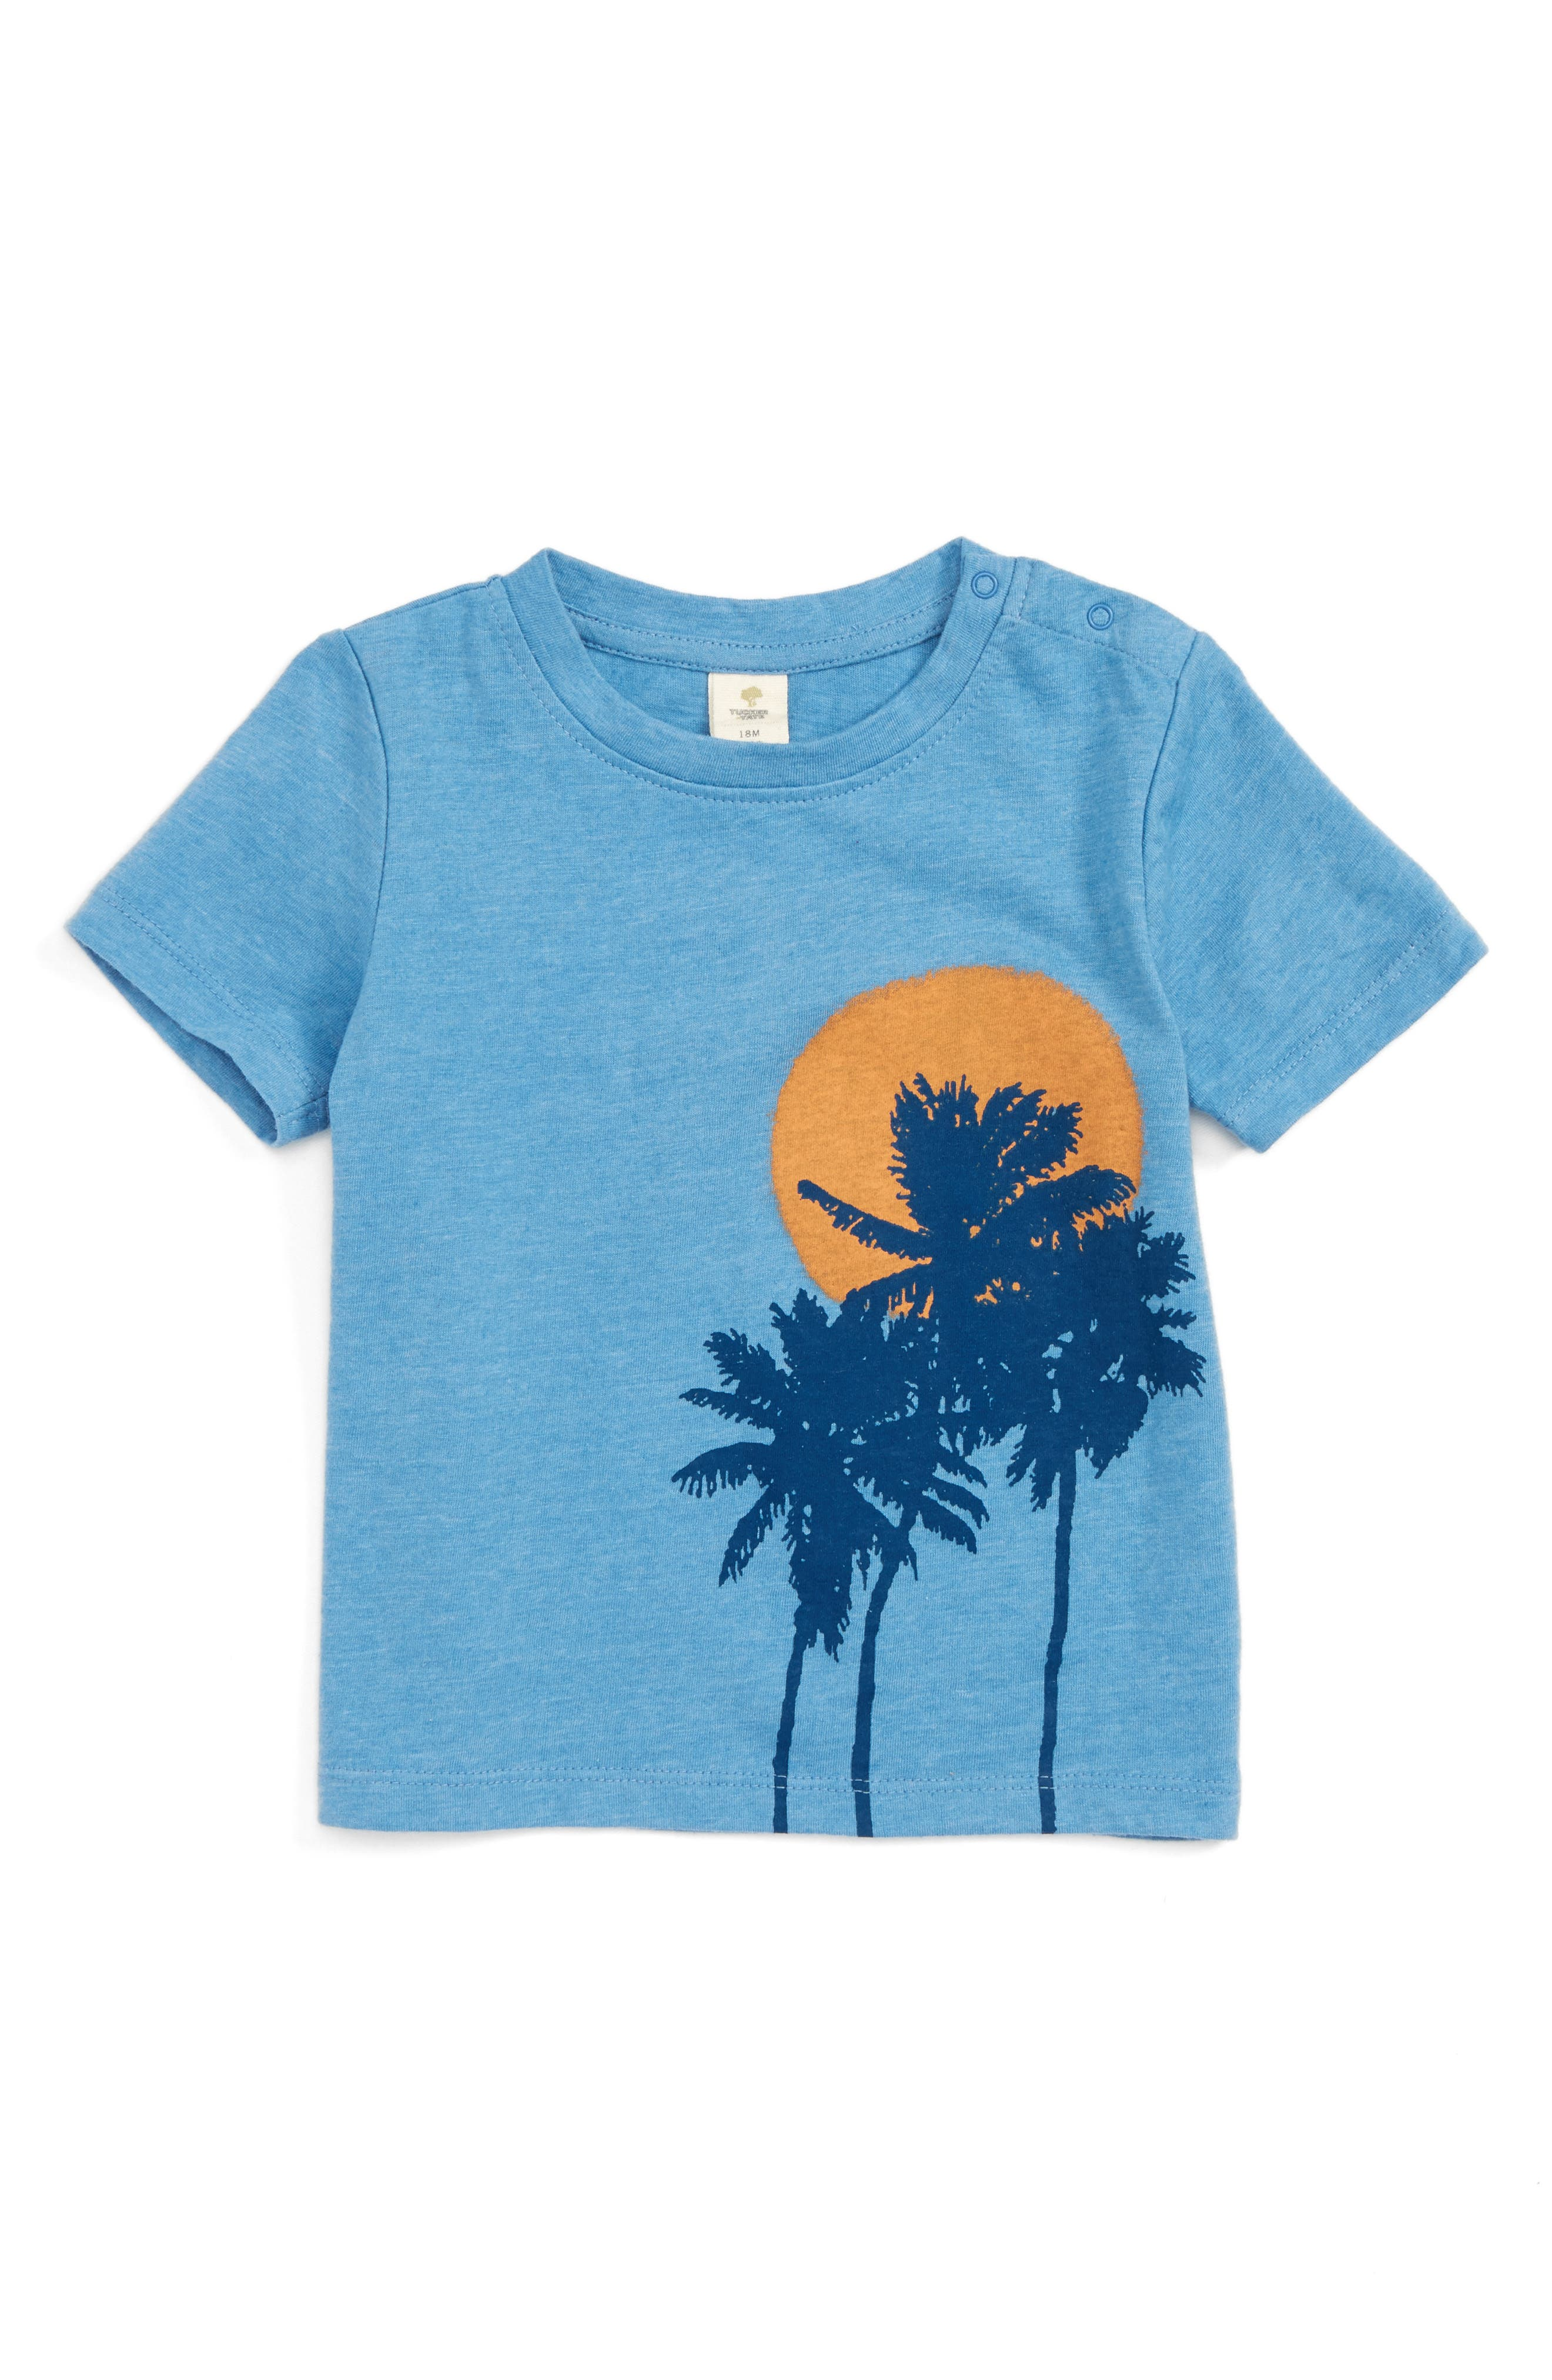 Tucker + Tate Graphic T-Shirt (Baby Boys)